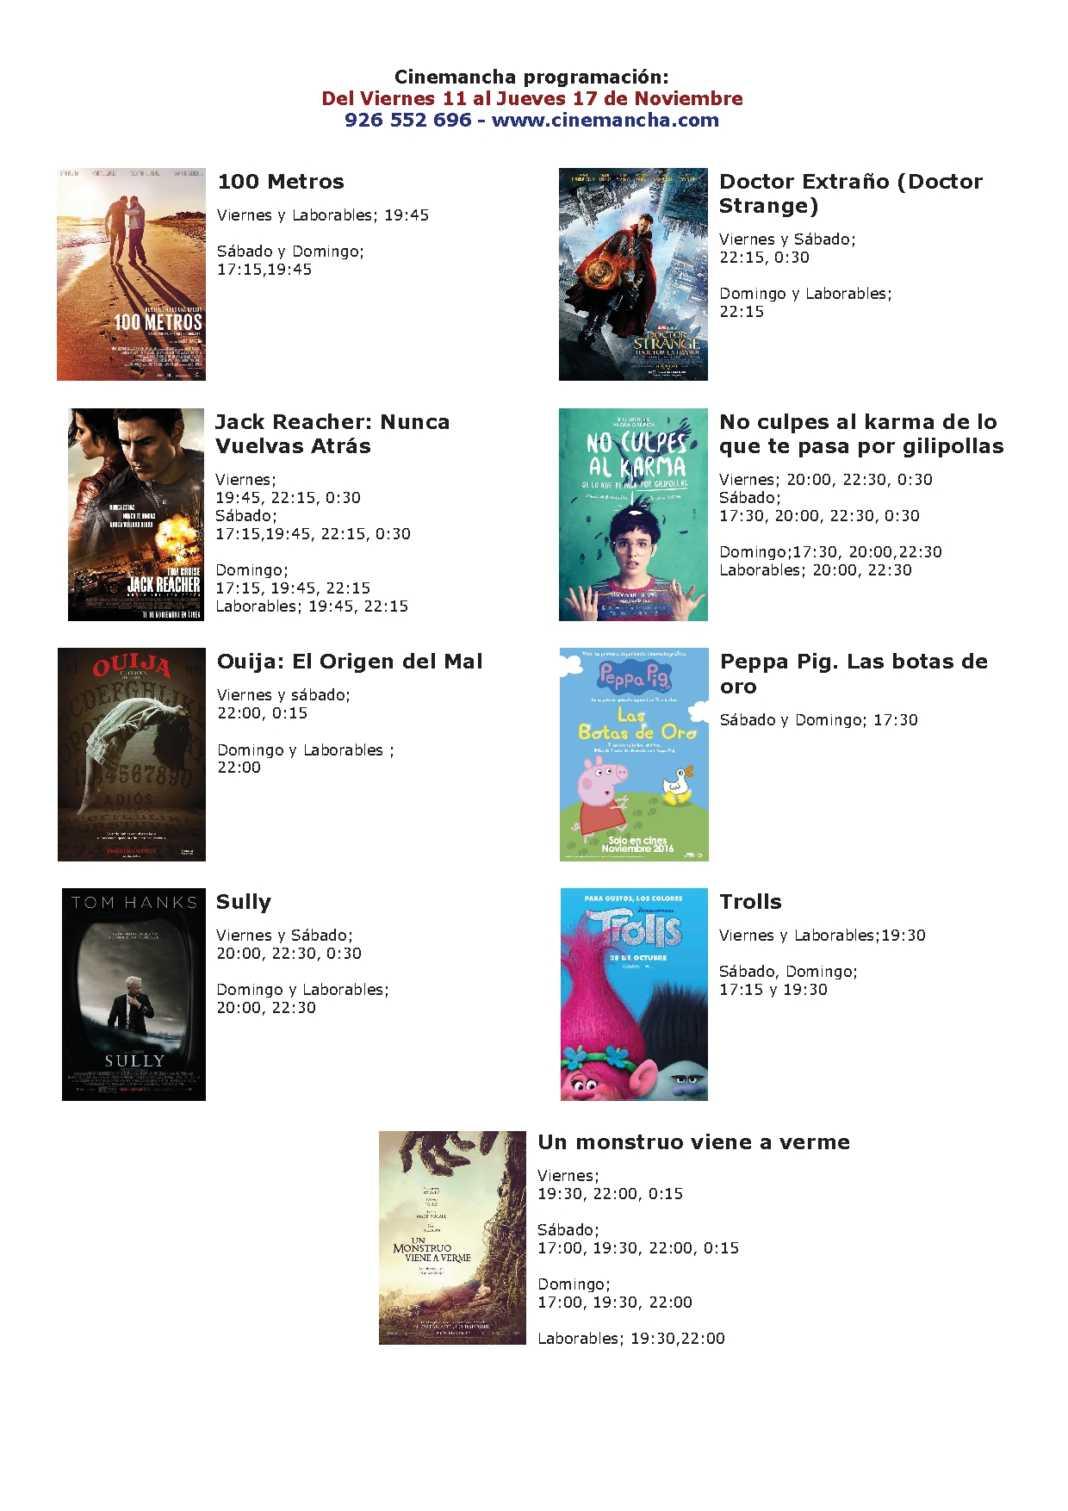 Cartelera Cinemancha del 11 al 17 de noviembre 1